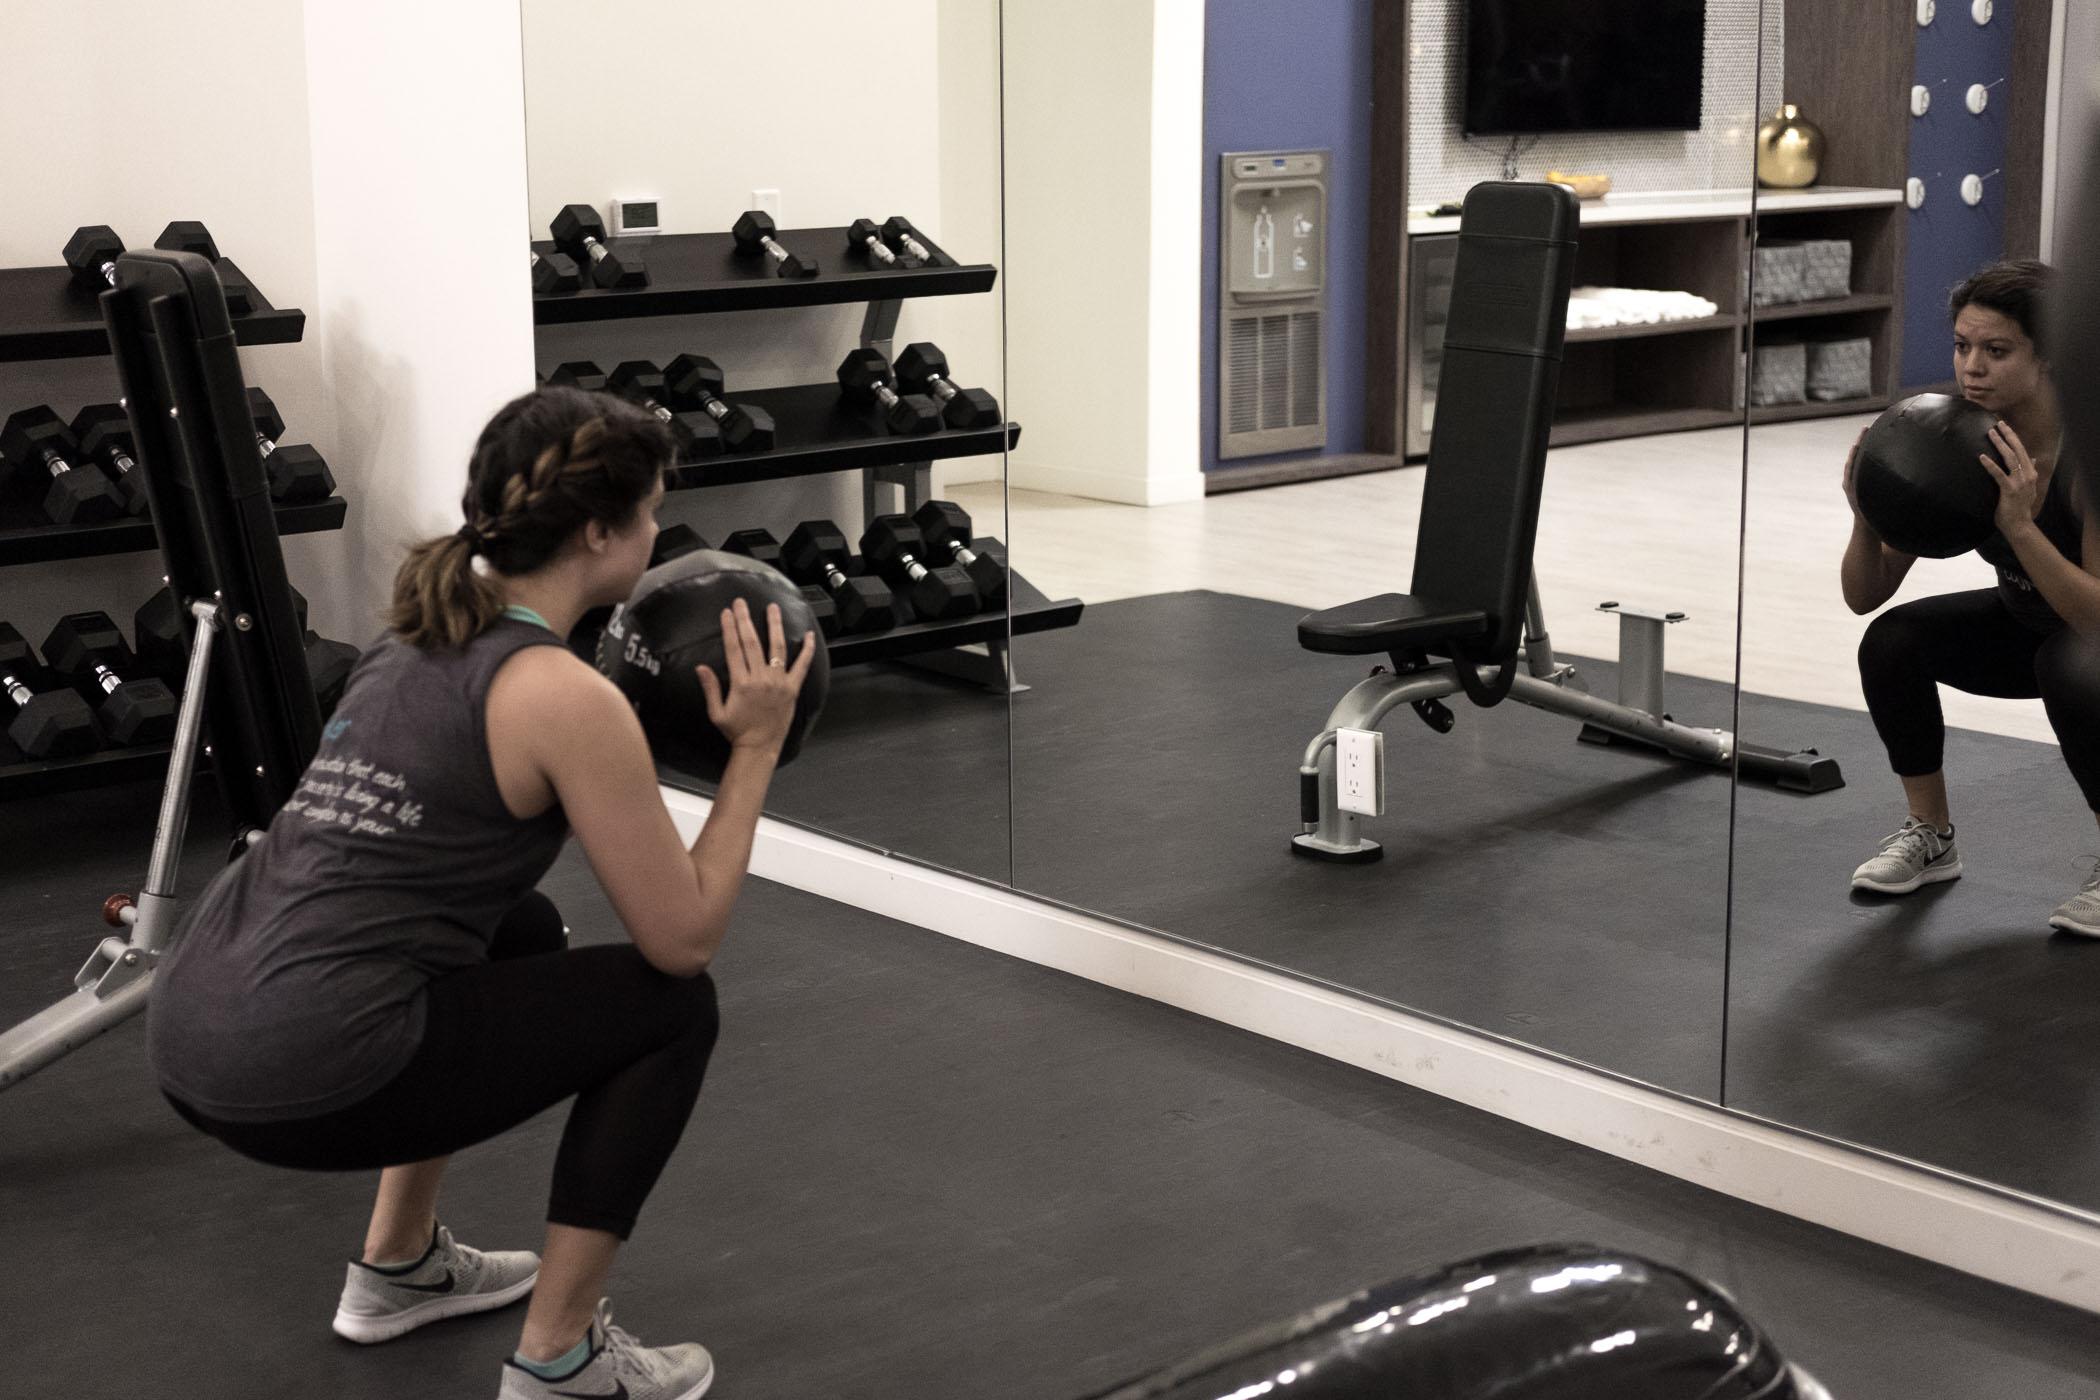 Rachel Off Duty: Rachel at the Gym